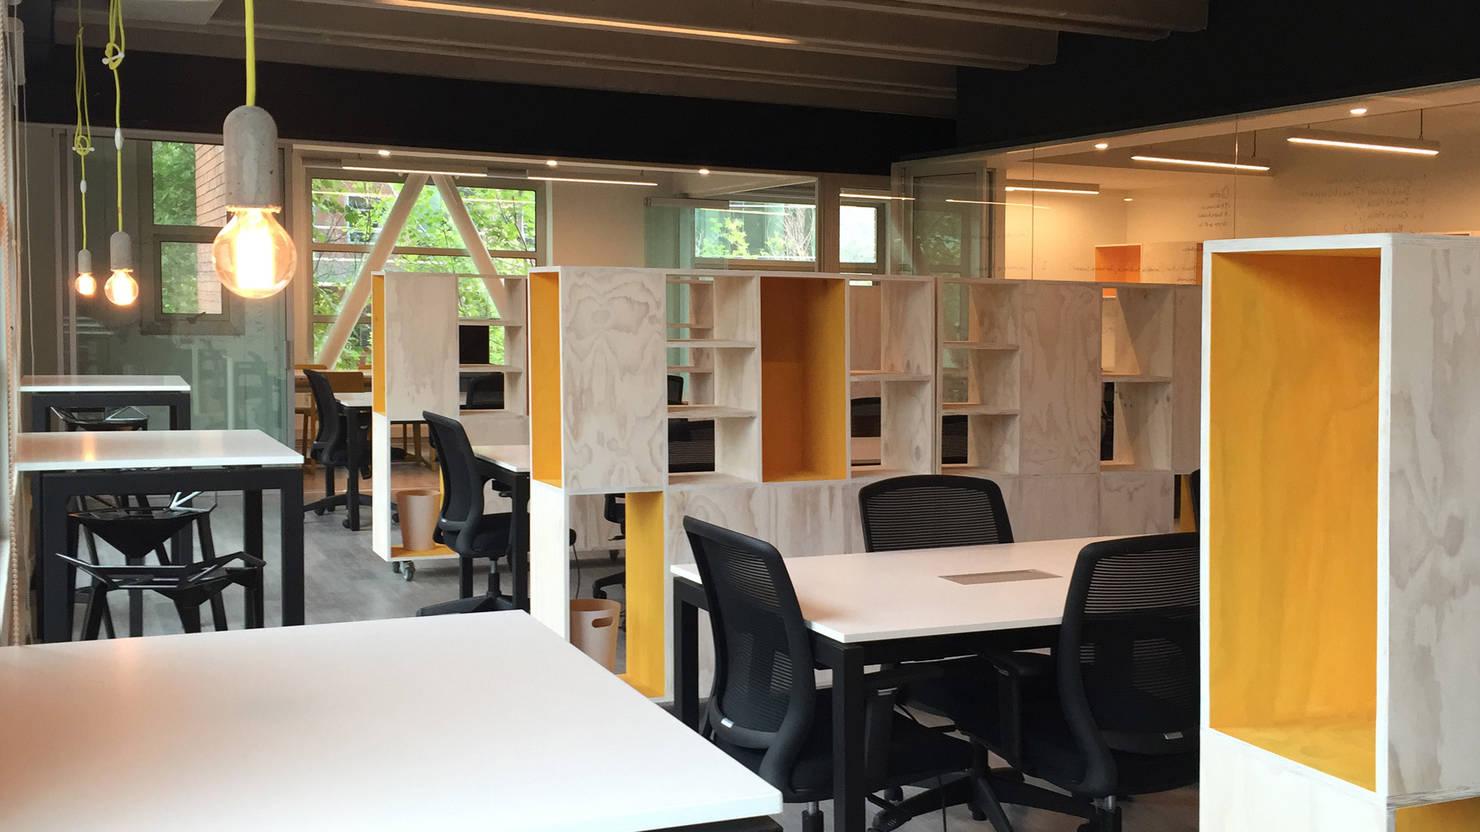 Oficinas modernas, vanguardistas, contemporáneas e innovadoras